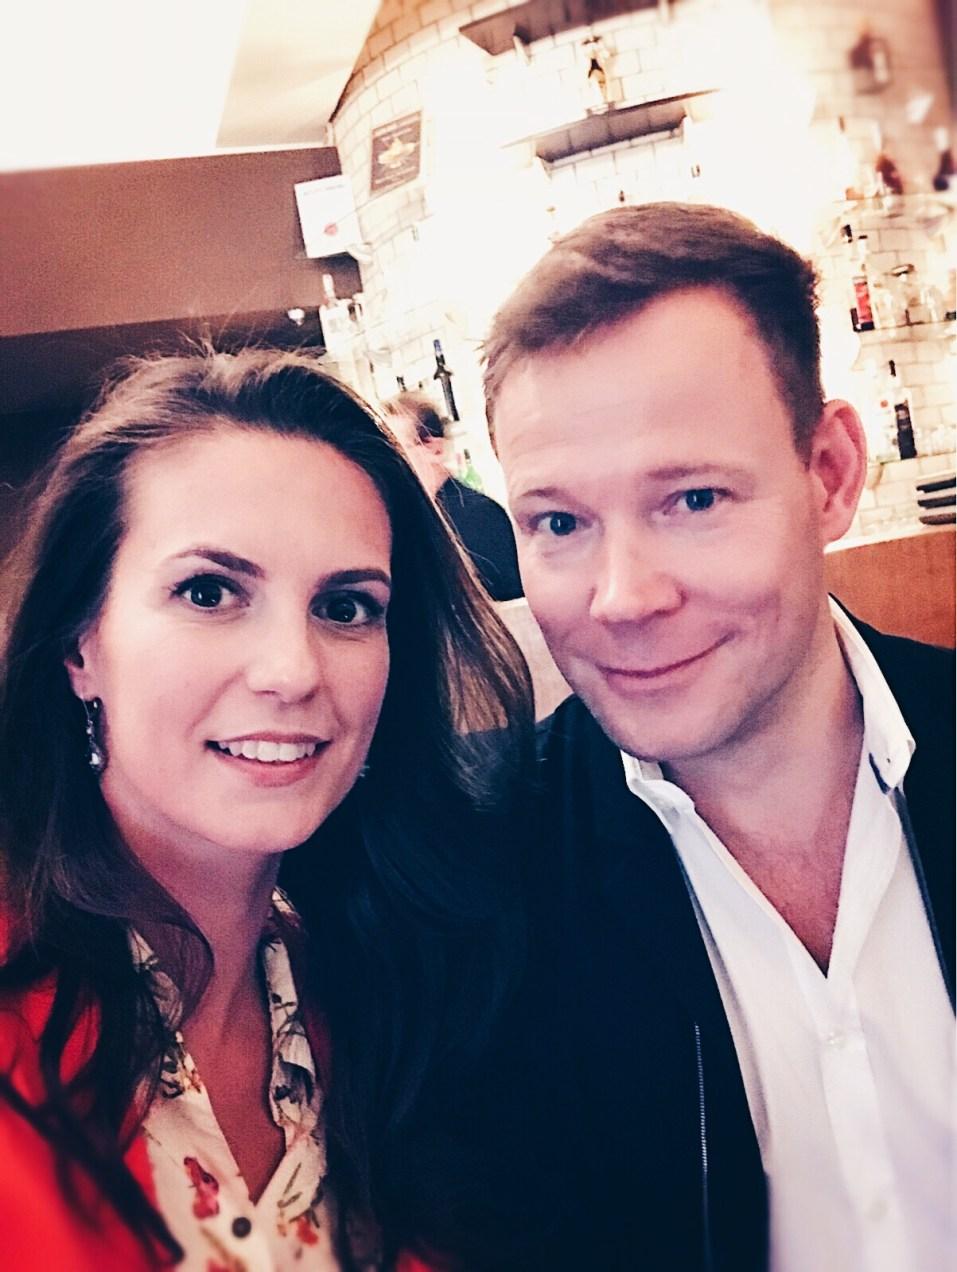 Katrin mit Schauspieler Mathias Schlung. © katrin-lars.net